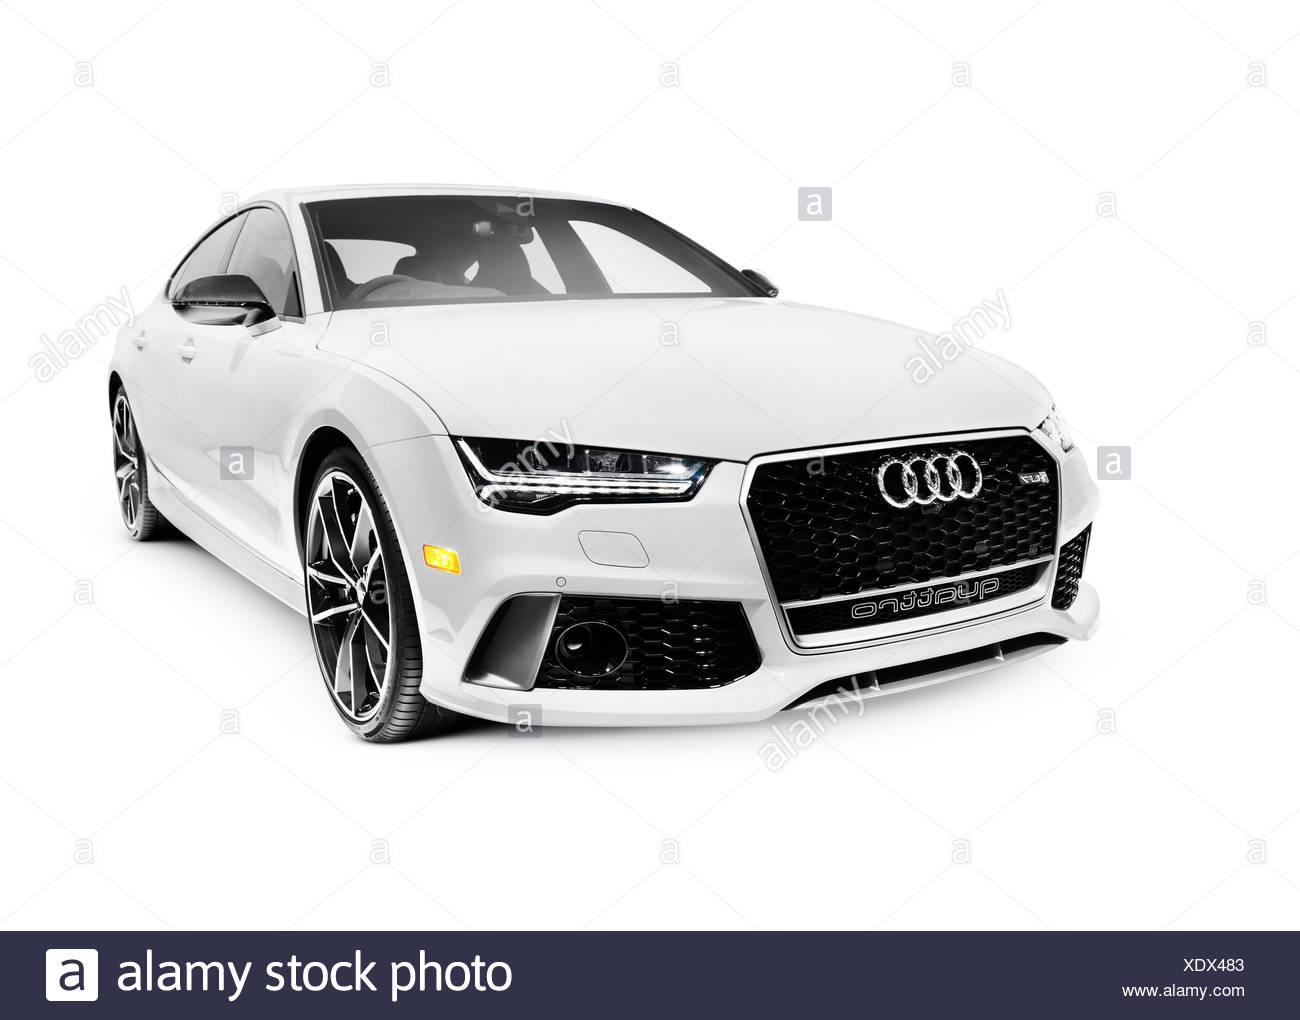 2016 Audi RS 7 Prestige Quattro Sedan luxury car - Stock Image